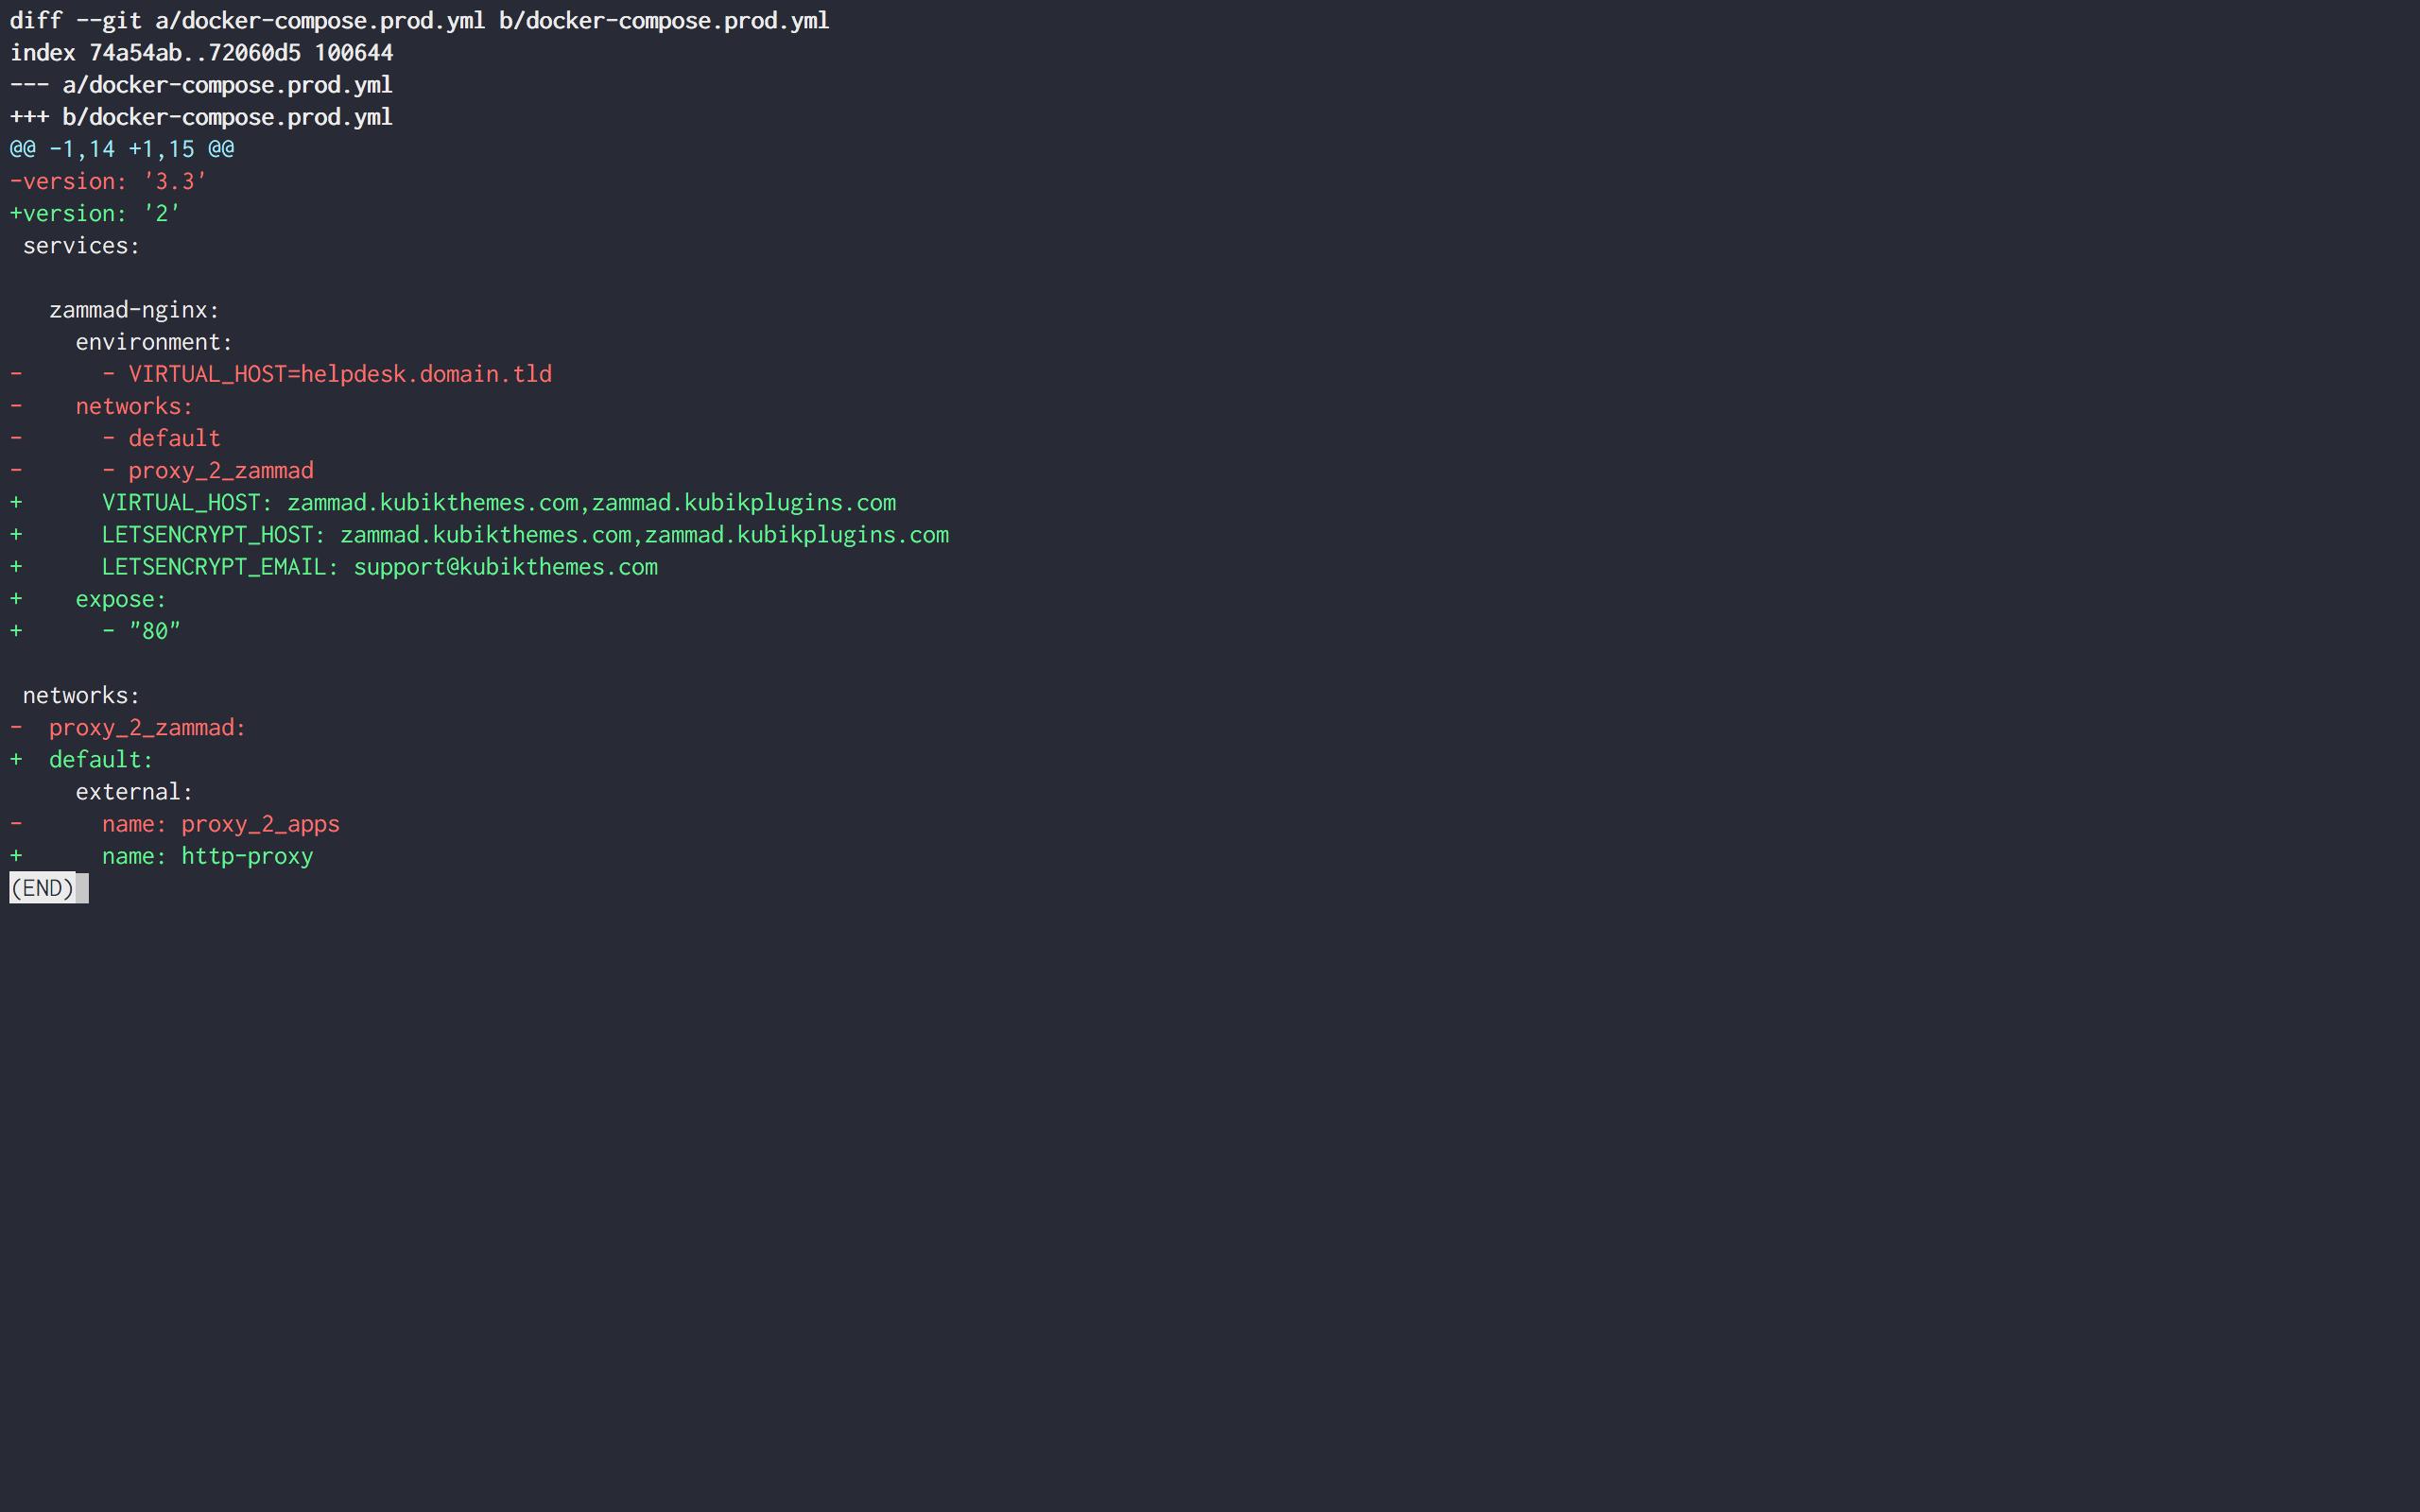 Felsebiyat Dergisi – Popular Nginx Bad Gateway Docker Compose